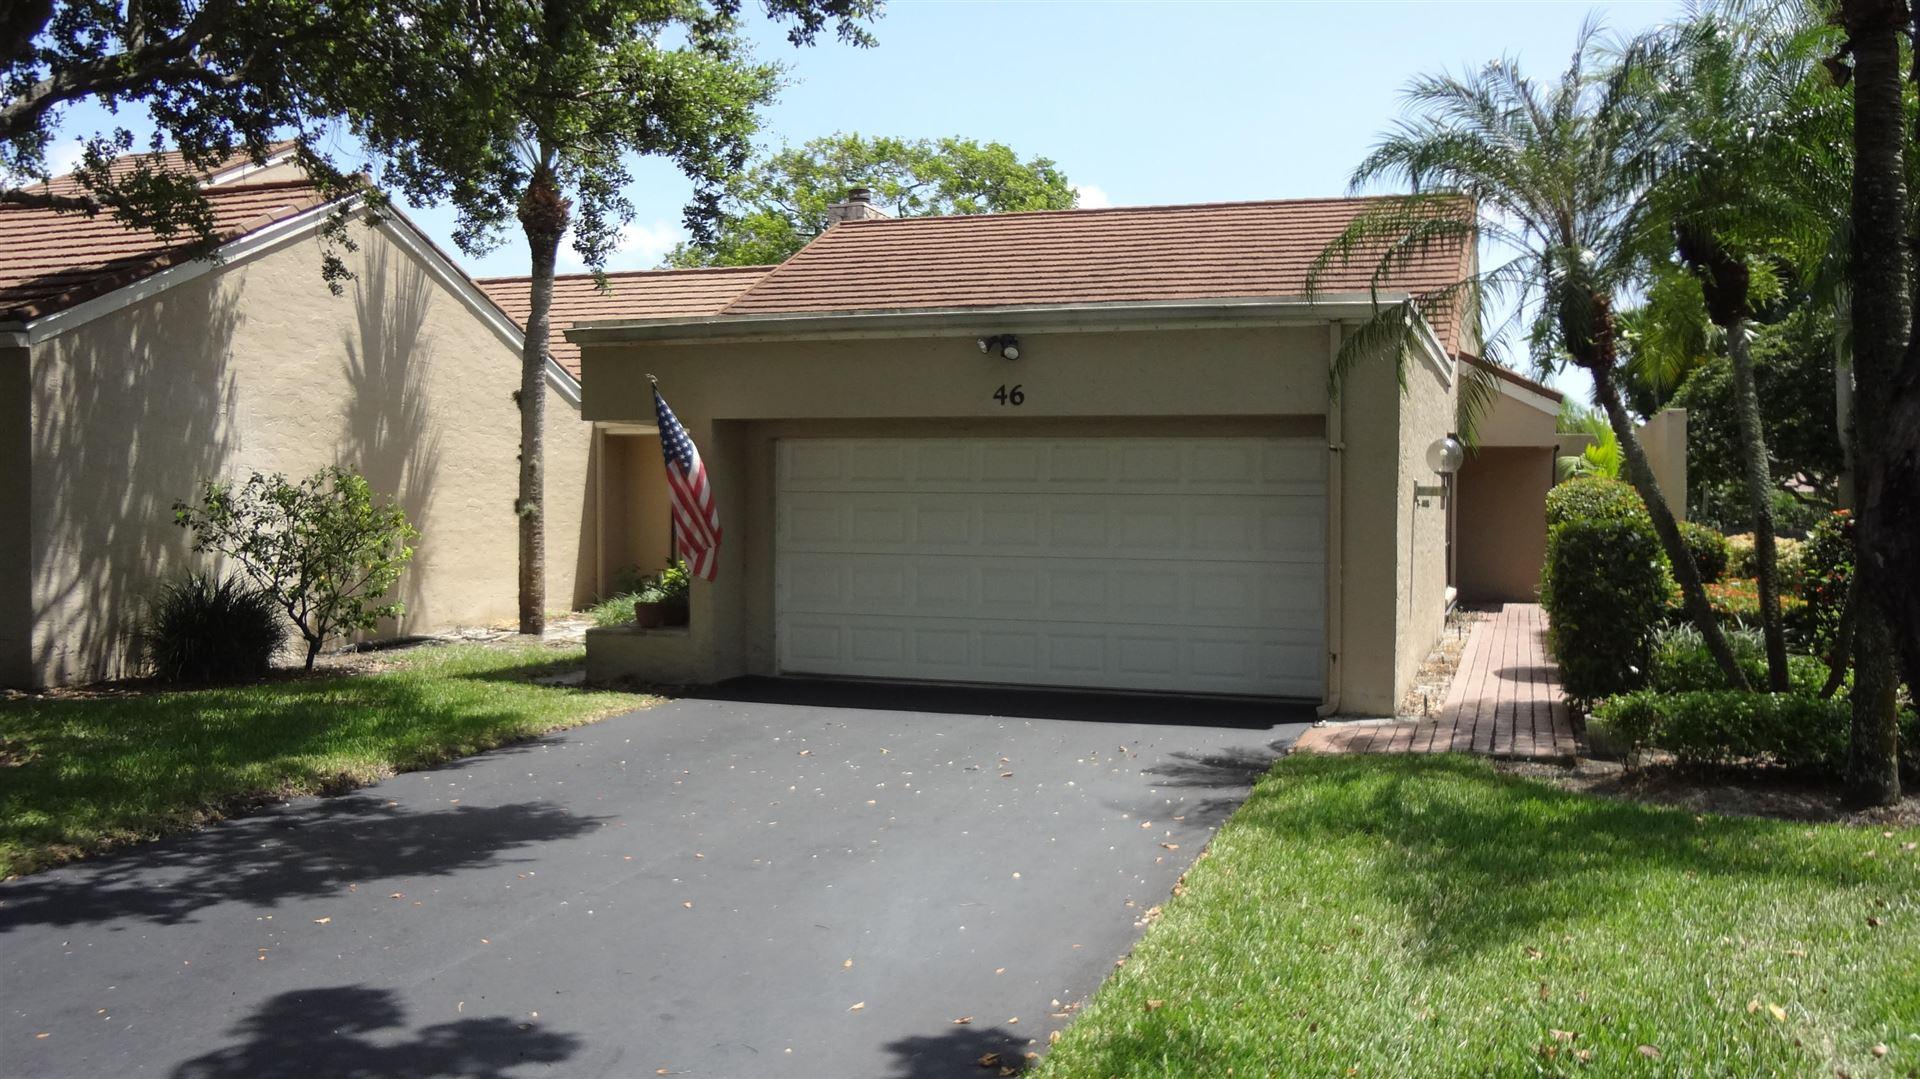 46 Balfour Road, Palm Beach Gardens, FL 33418 - #: RX-10633841